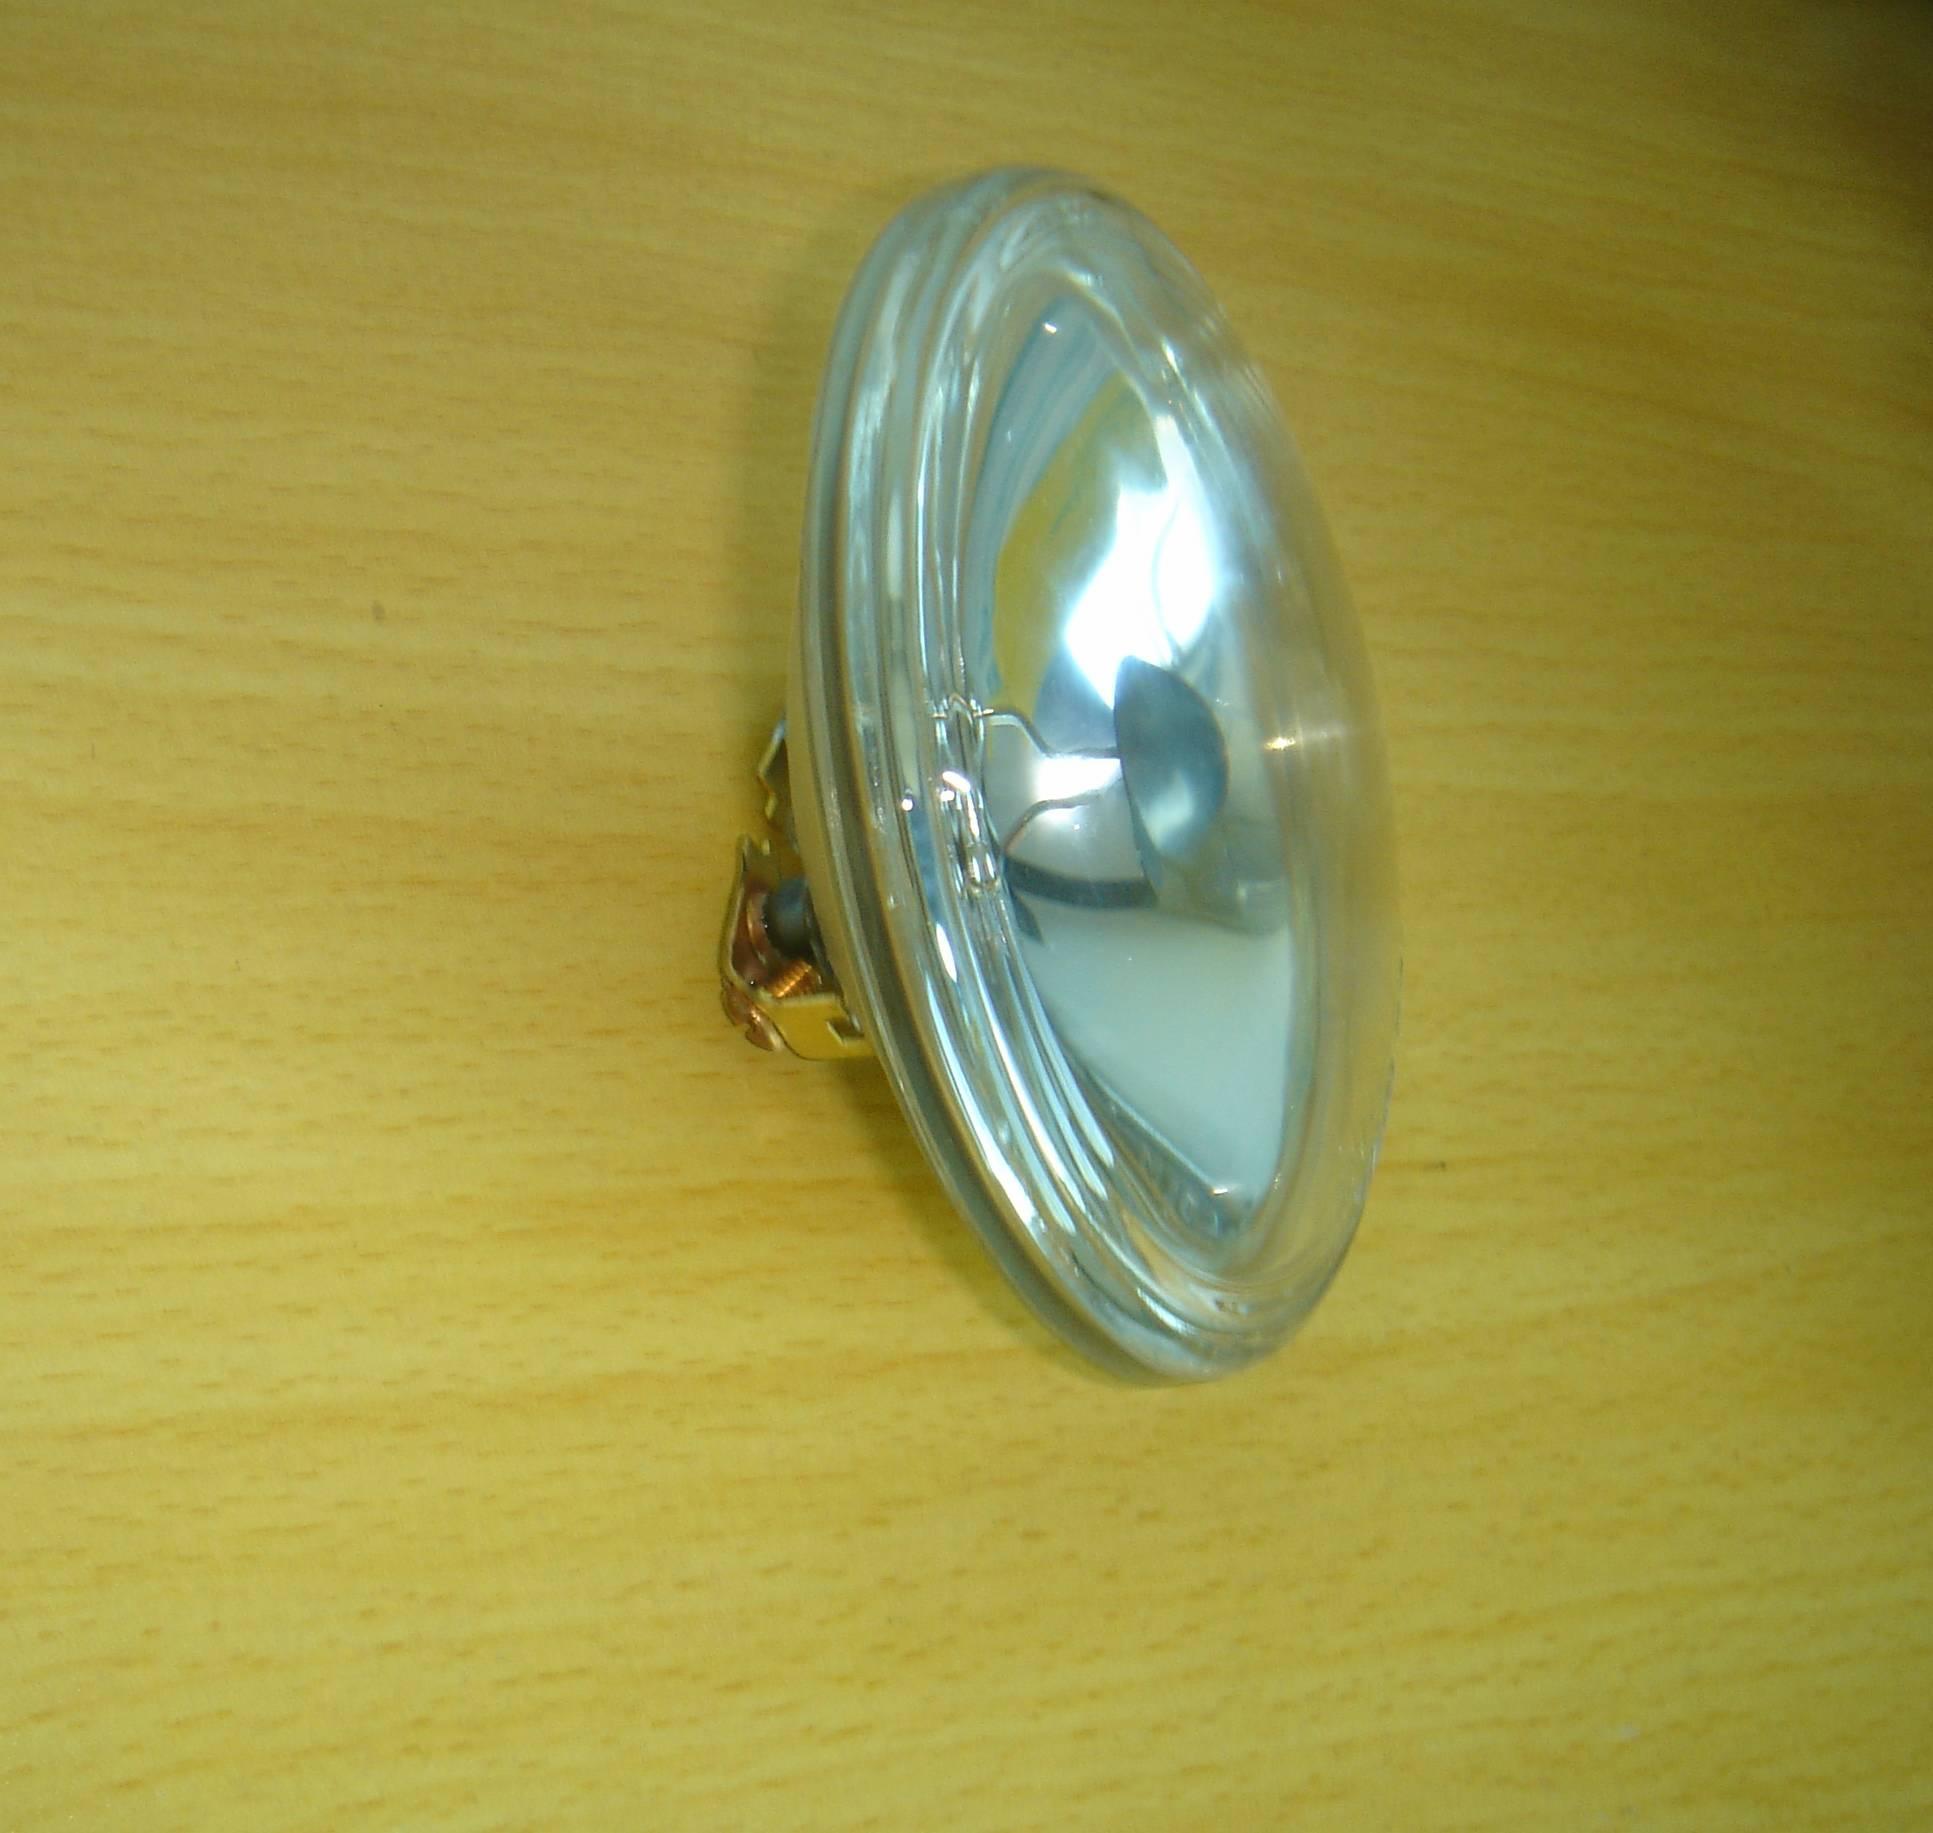 小雨灯灯泡 1